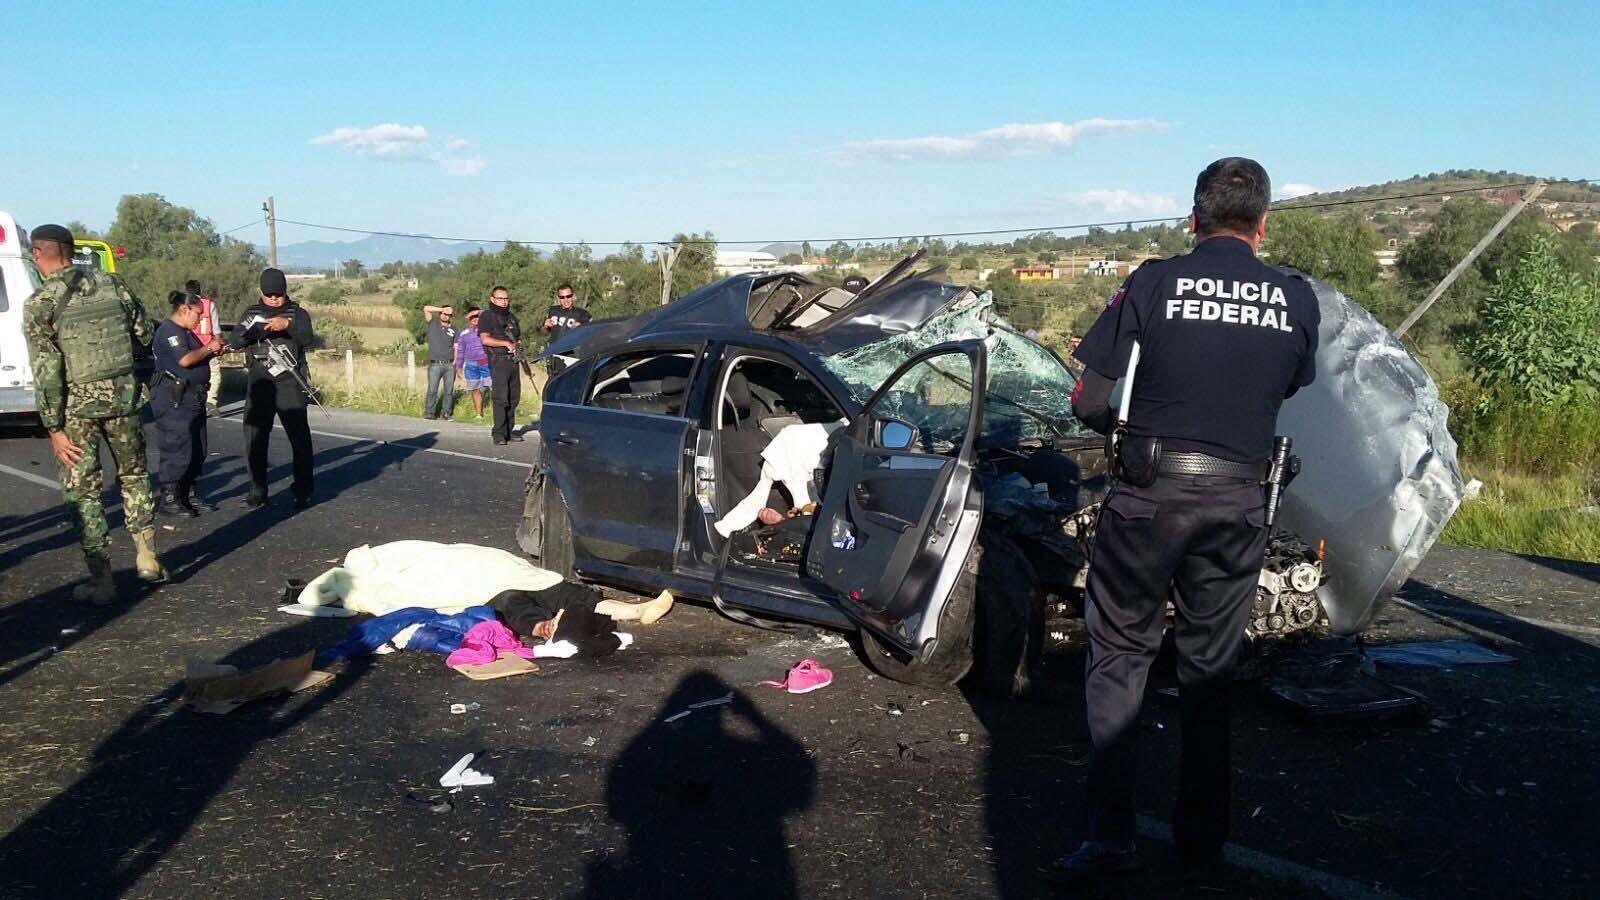 Luego del siniestro en el estado de Michoacán, uno de los sobrevivientes amenazó con un arma de fuego a uno de los rescatistas